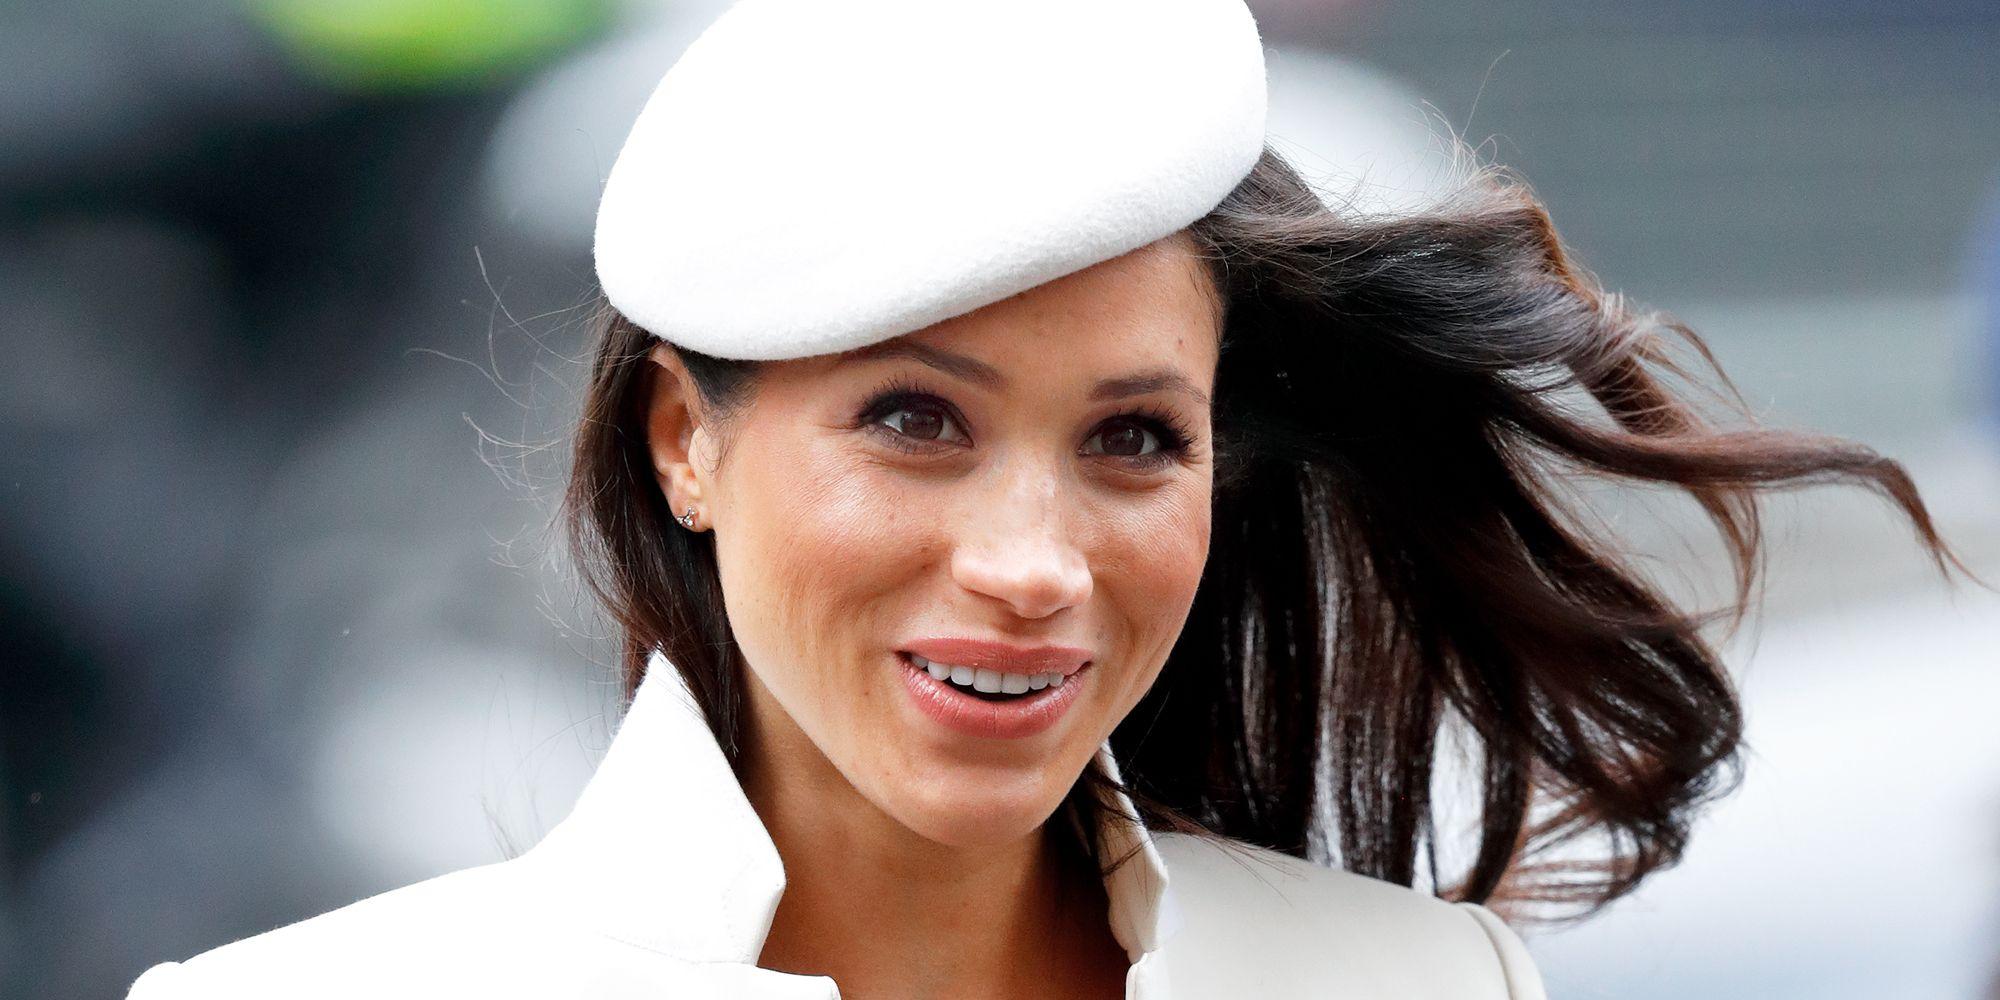 Meghan Markle, Duchessa degli anelli, si è presa una bella cotta per un brand di gioielli francese